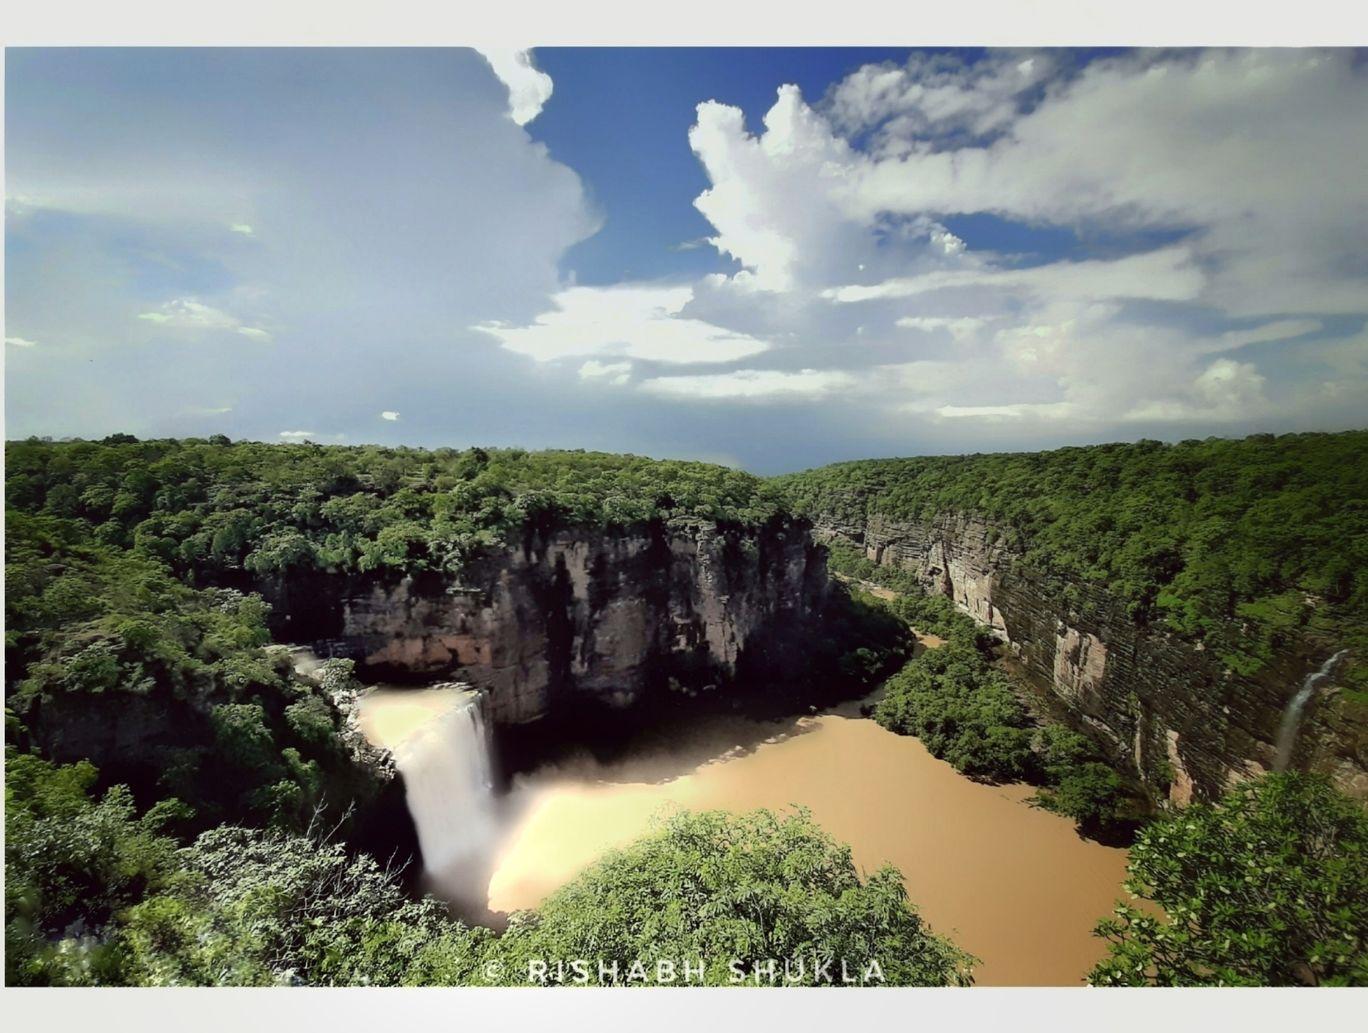 Photo of Devdari Waterfall By Rishabh Shukla